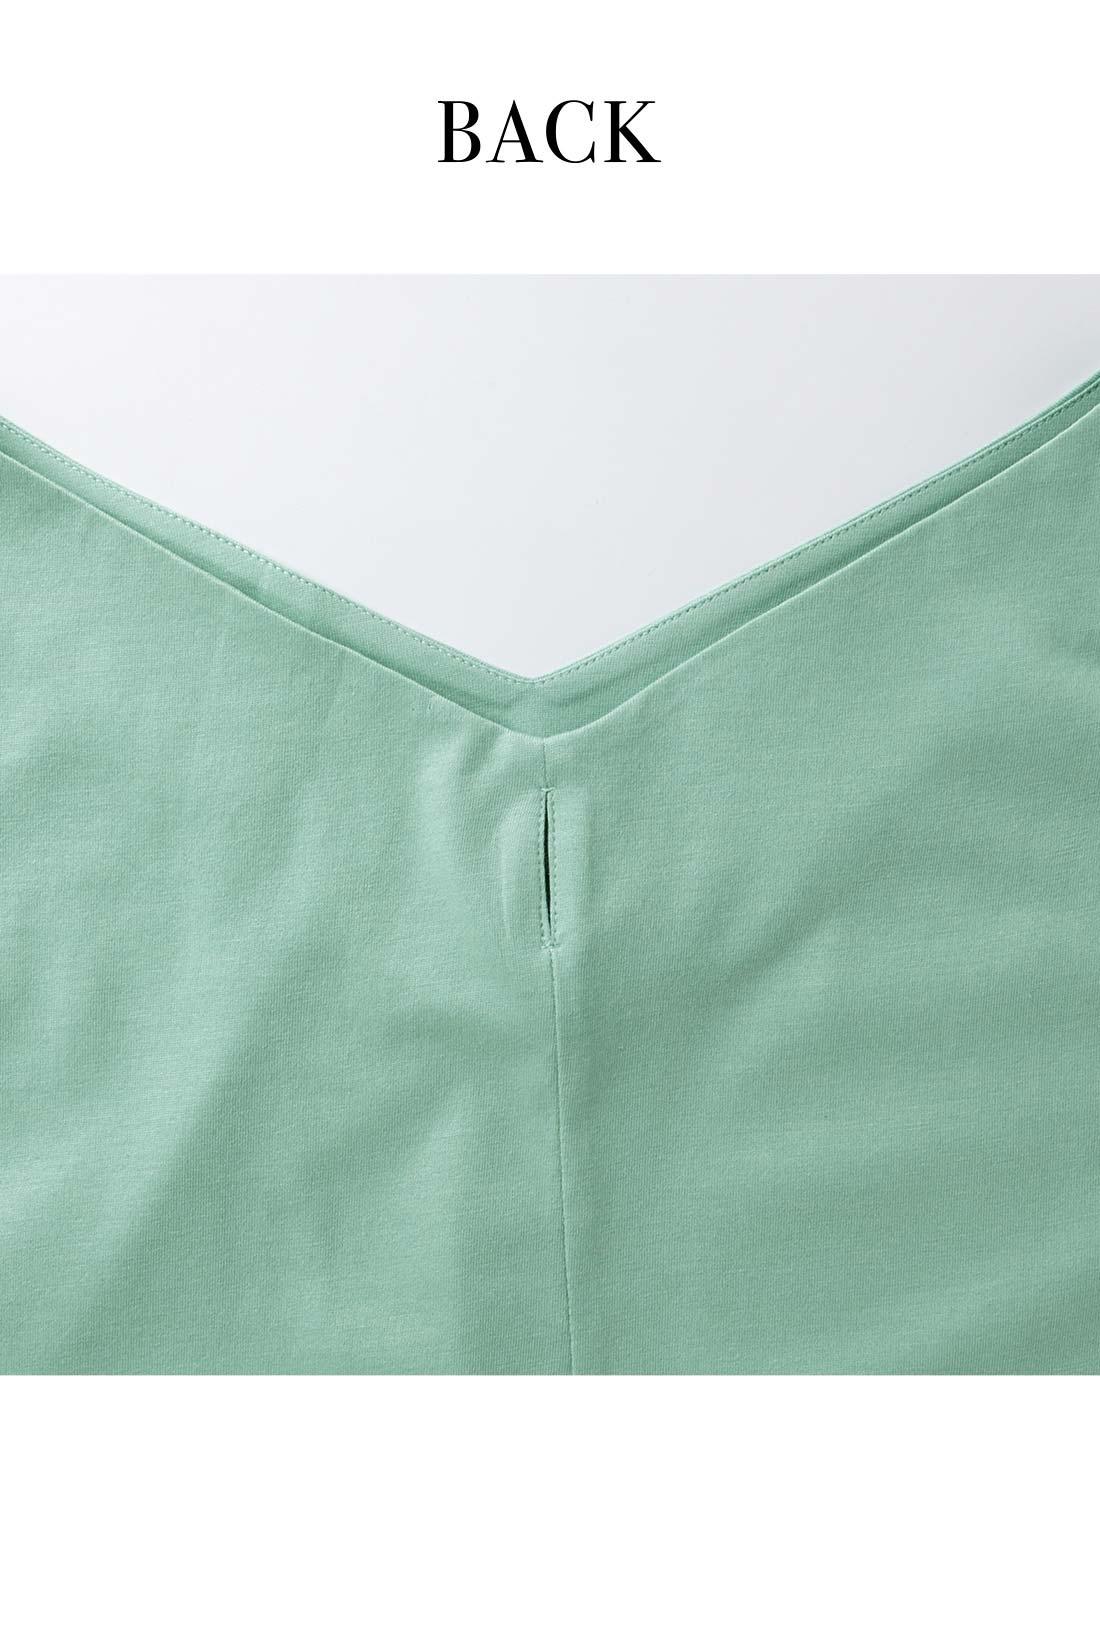 リボンは取り外し自在。より潔く着こなしたい日にも活躍。 ※お届けするカラーとは異なります。